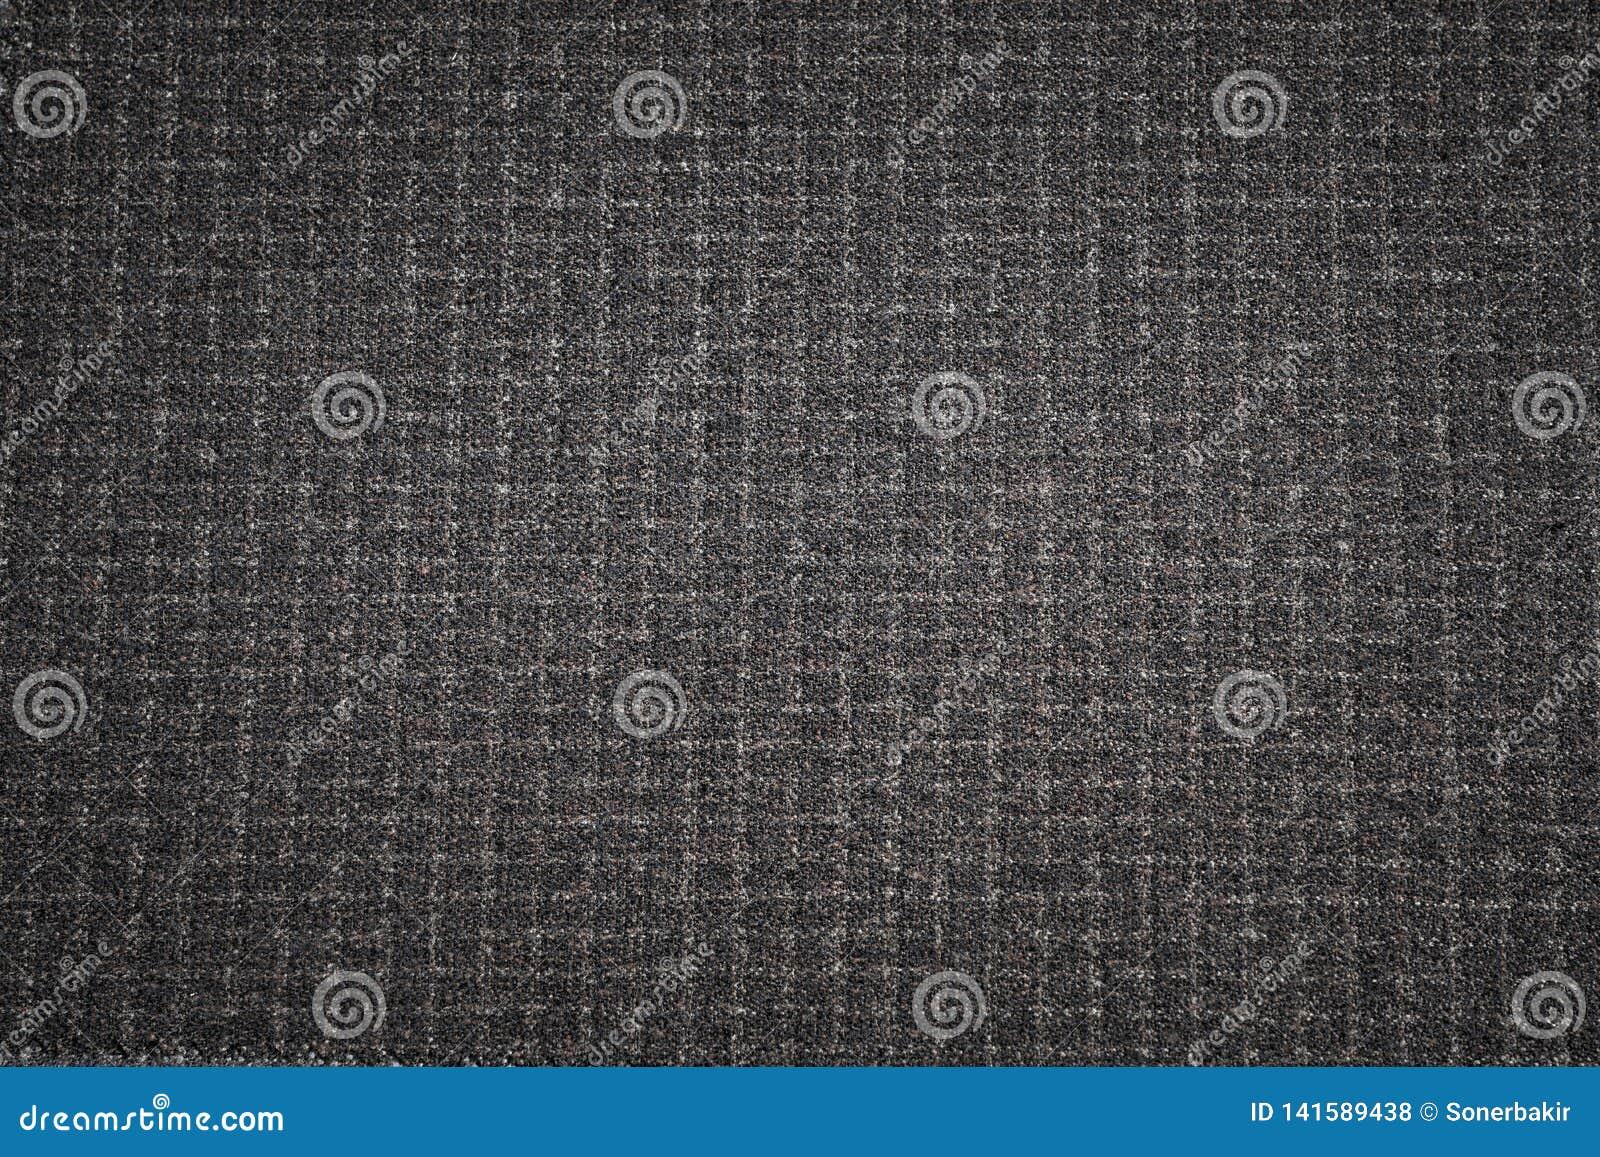 De zwarte achtergrond van de stoffentextuur Donker geweven kledend materiaal